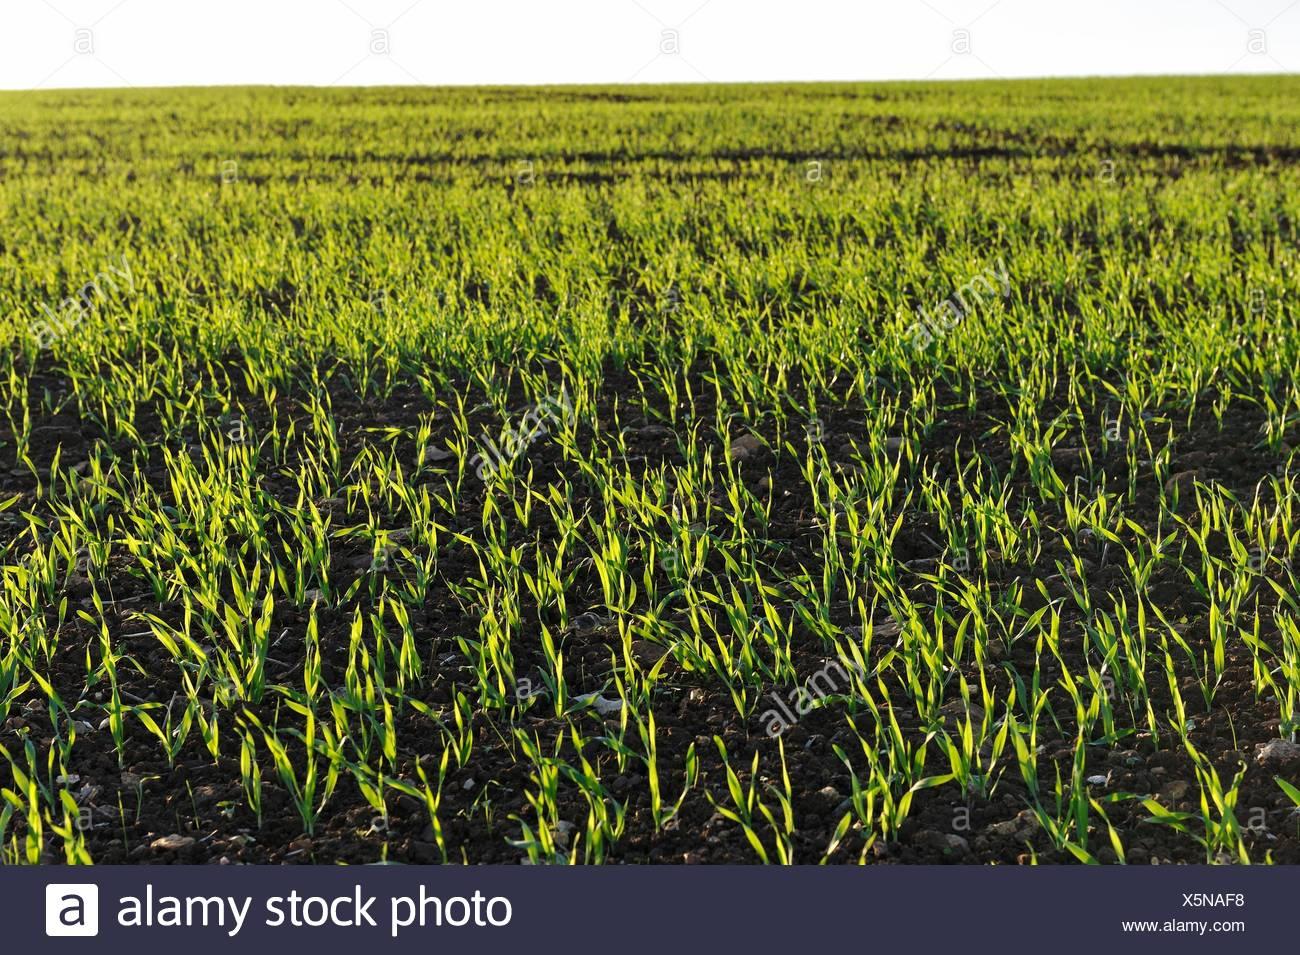 winter wheat field, Eure-et-Loir department, Centre-Val de Loire region, France, Europe. - Stock Image